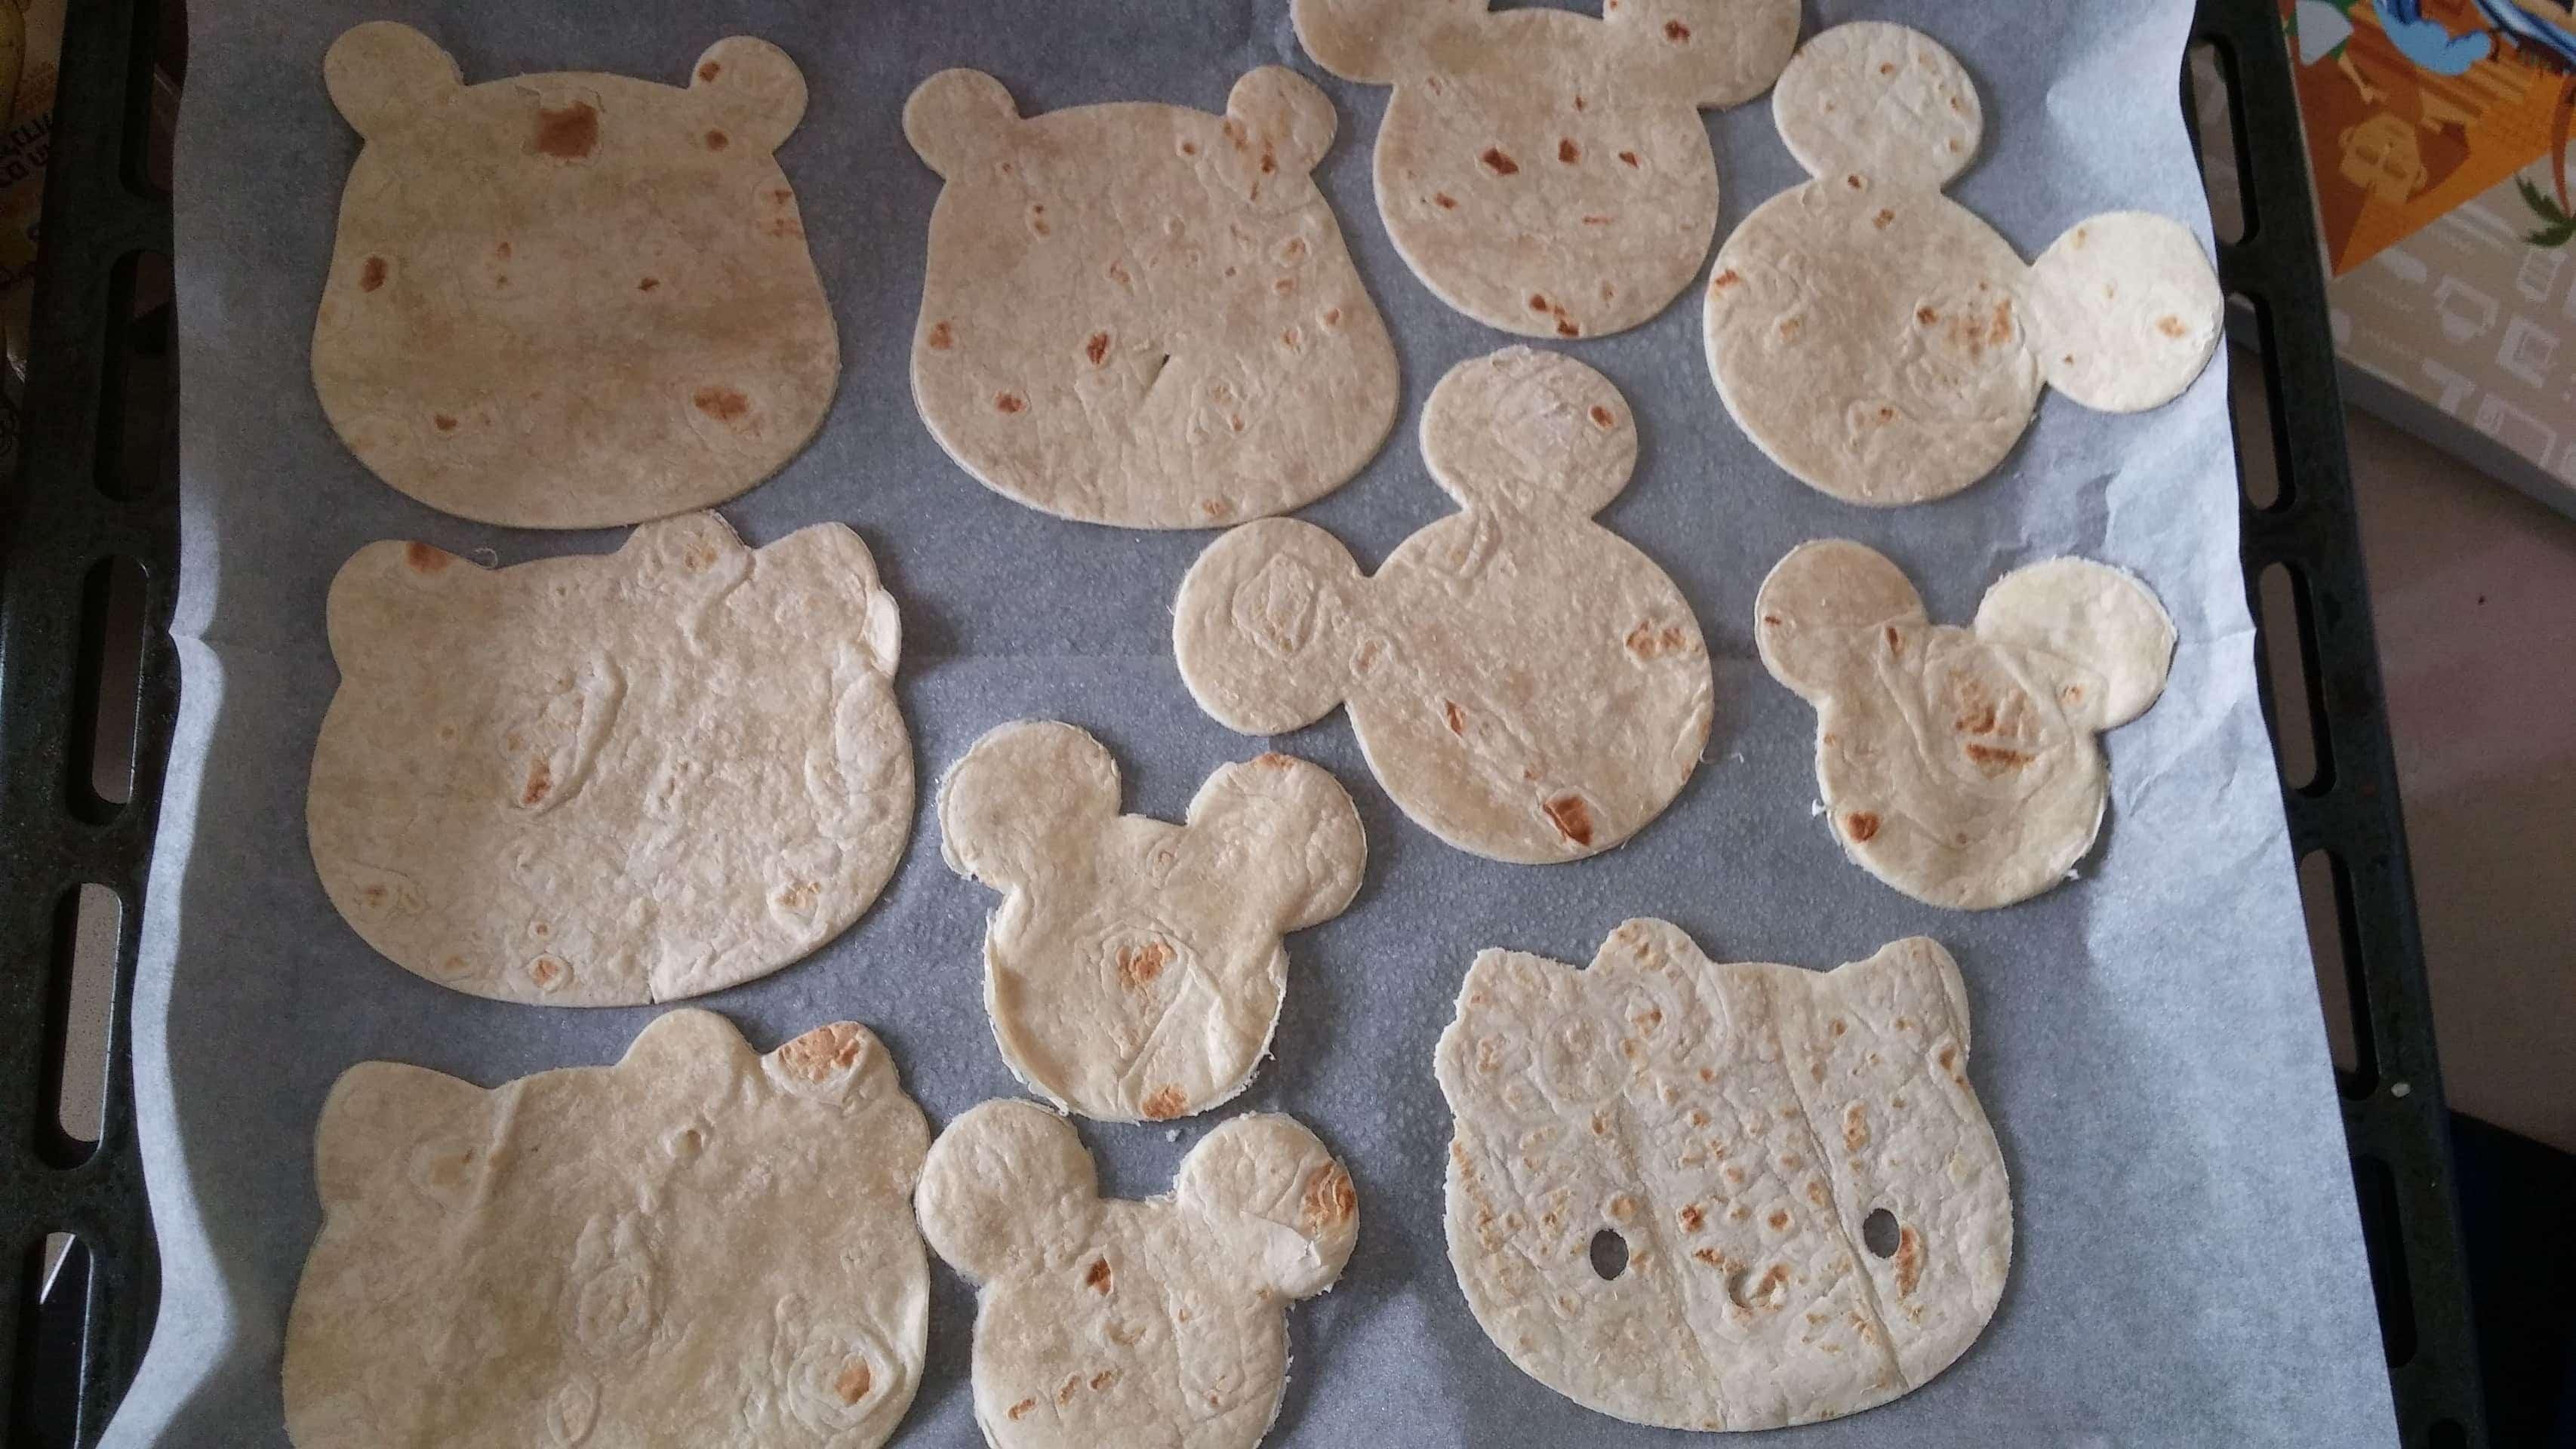 מתכון מיני-פיצה על טורטיה - נותנים לילדים לחתוך צורות